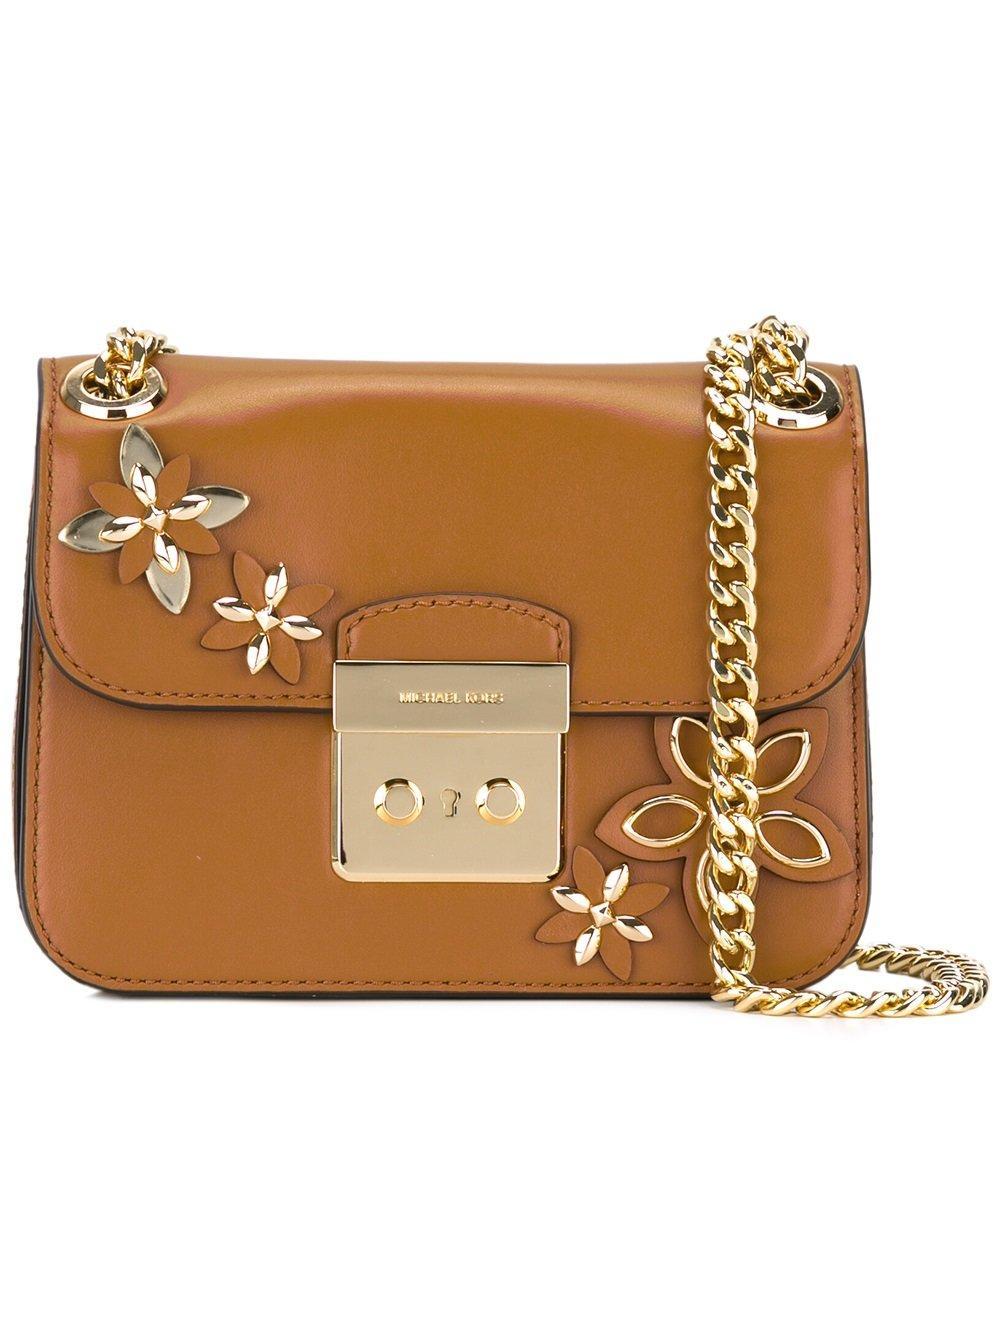 Michael Michael Kors Floral Embellished Shoulder Bag In Brown   Lyst